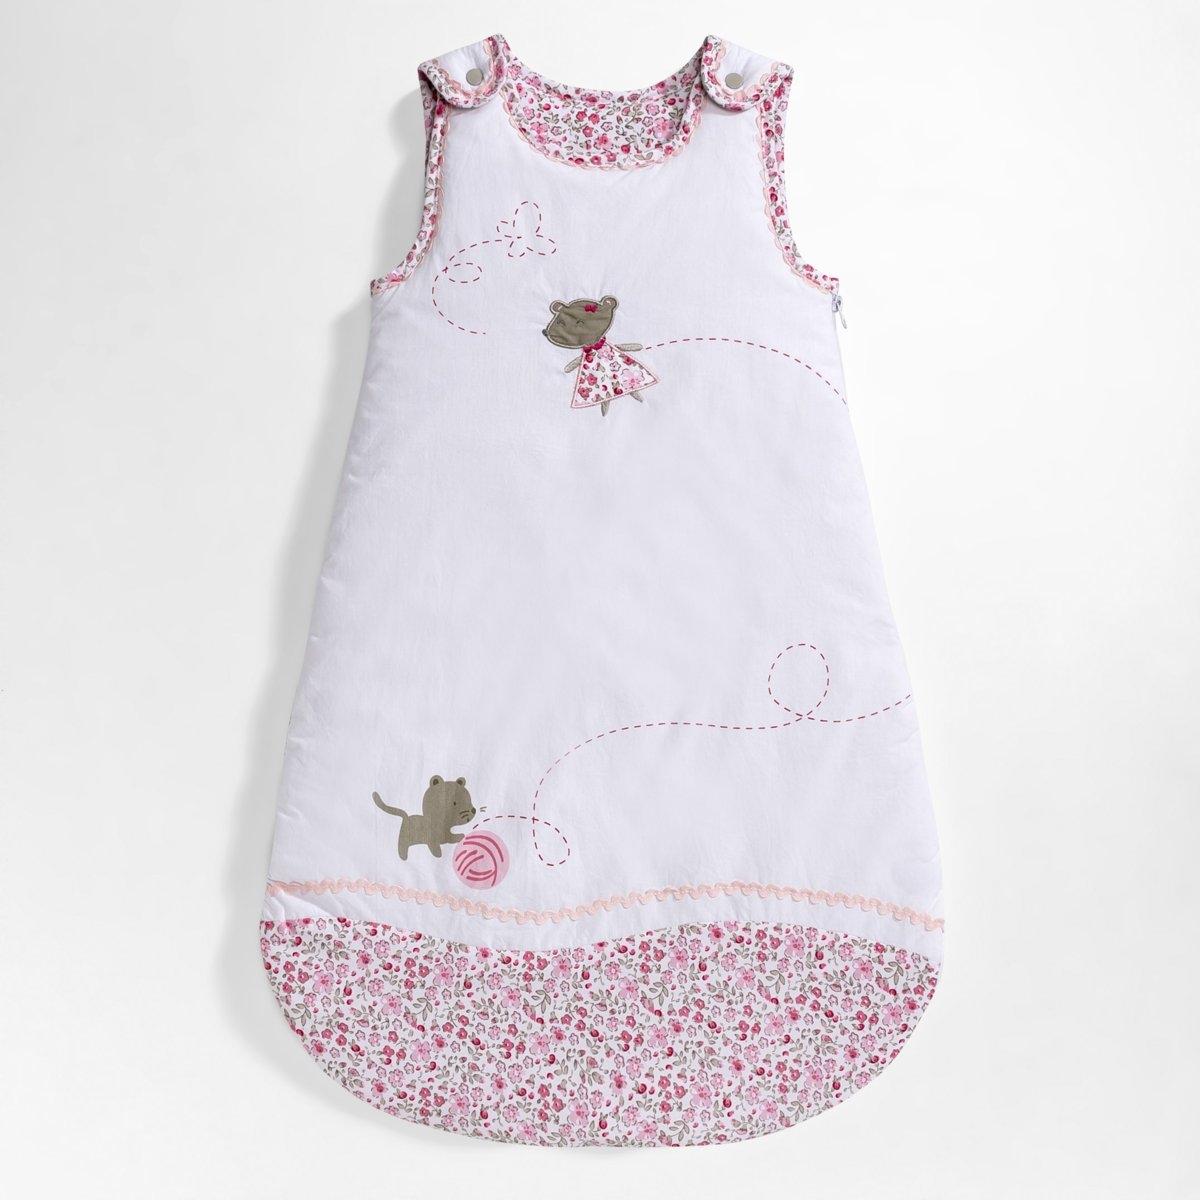 Конверт теплый для новорожденного с цветочным рисунком из перкали, 100% хлопок от La Redoute Collections